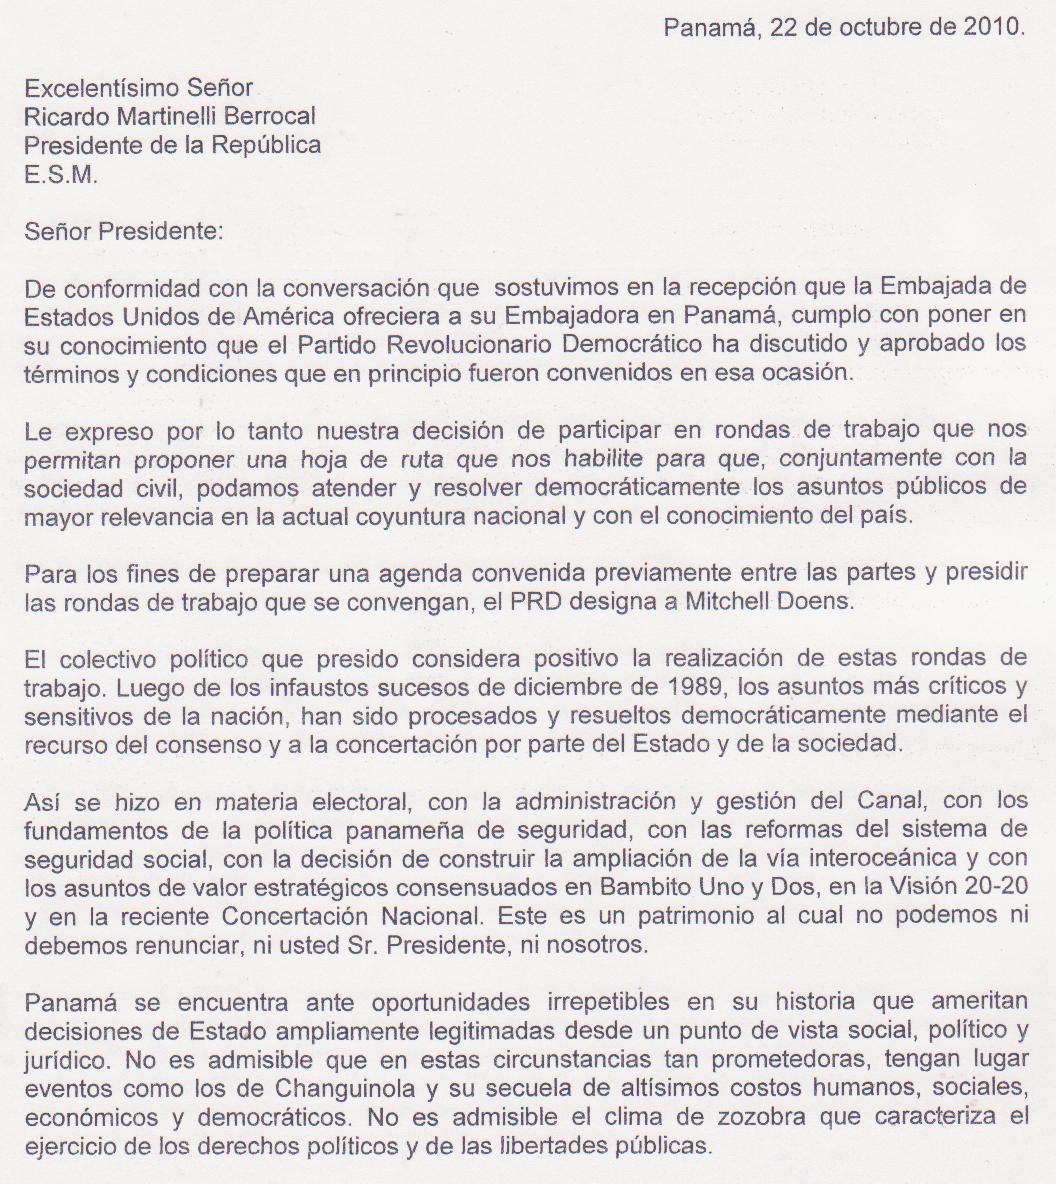 NOTA AL PRESIDENTE RICARDO MARTINELLI